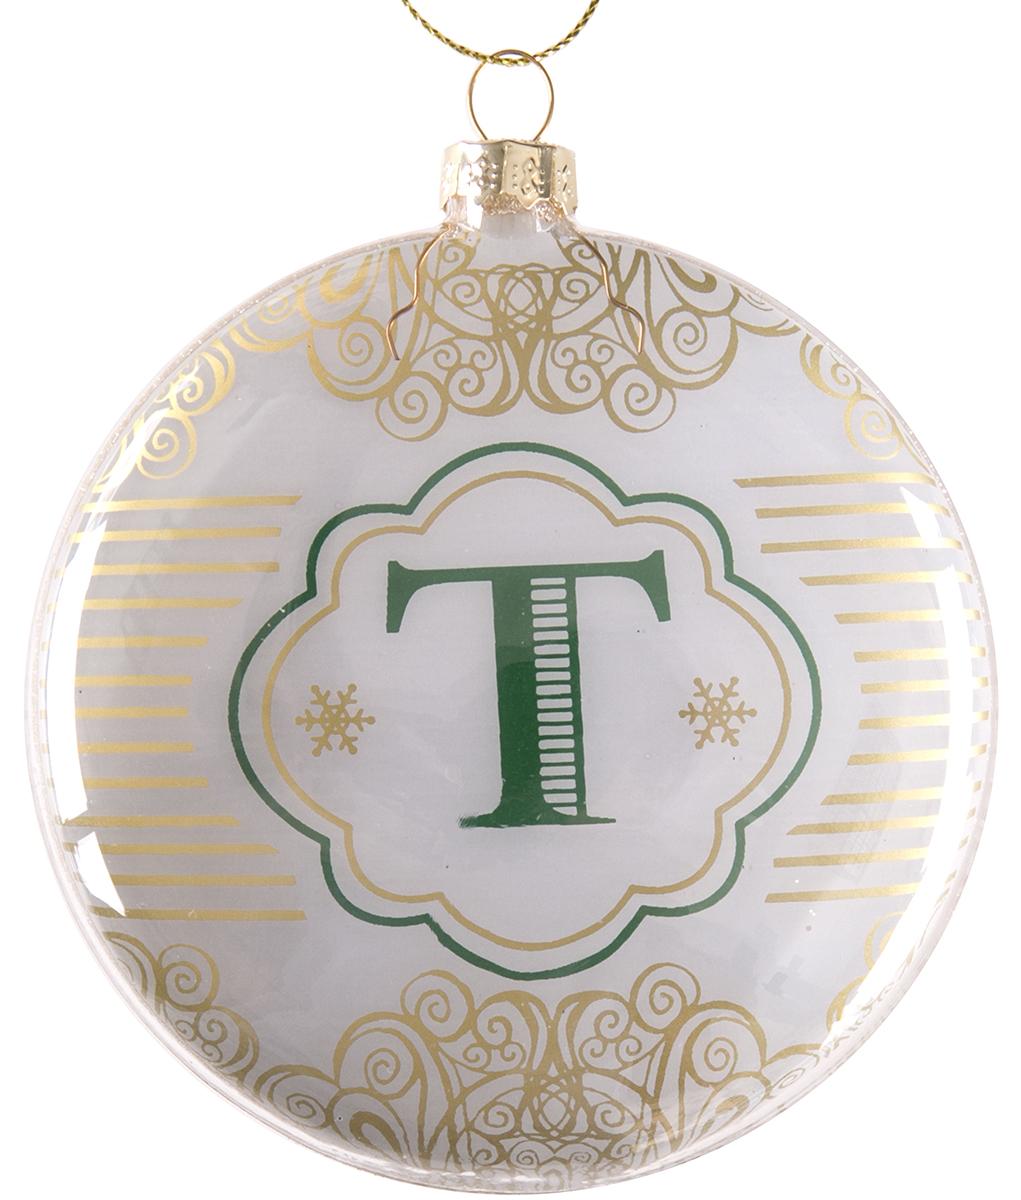 Украшение новогоднее подвесное Magic Time Буква Т, стеклянное. 7583875838Новогоднее подвесное украшение из стекла БУКВА Т, 10 см, артикул 75838